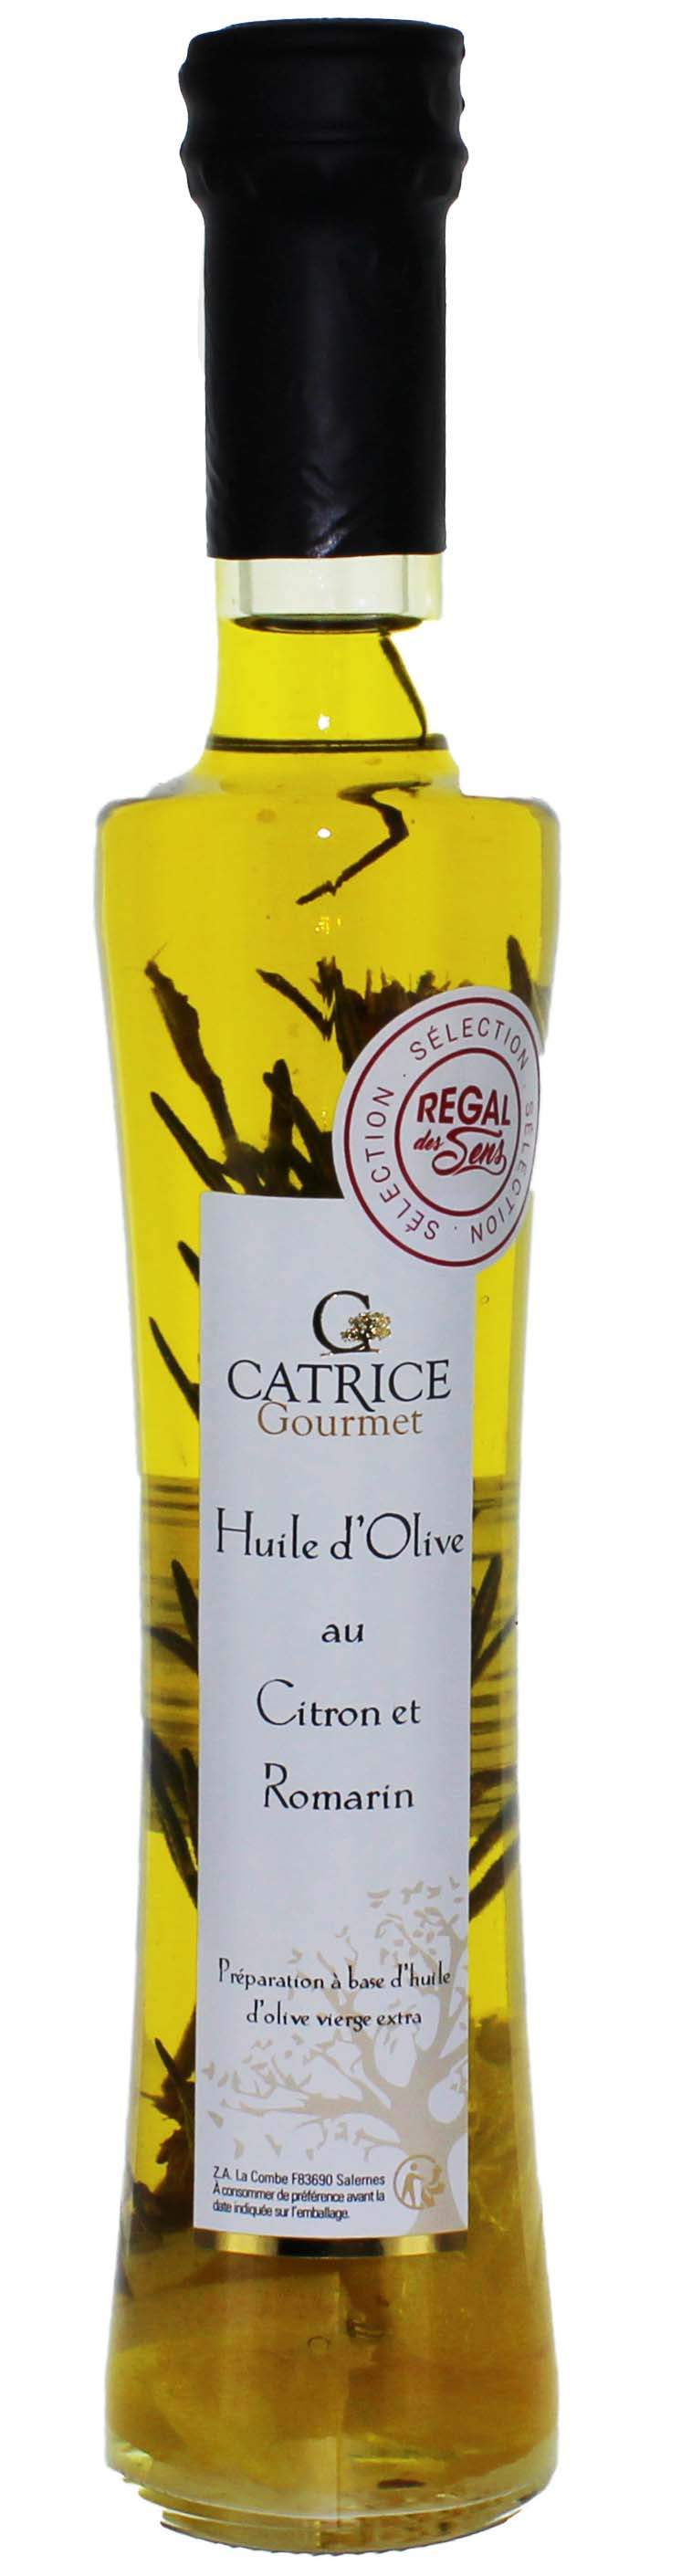 Huile d'olive au Citron et Romarin - Regal des Sens